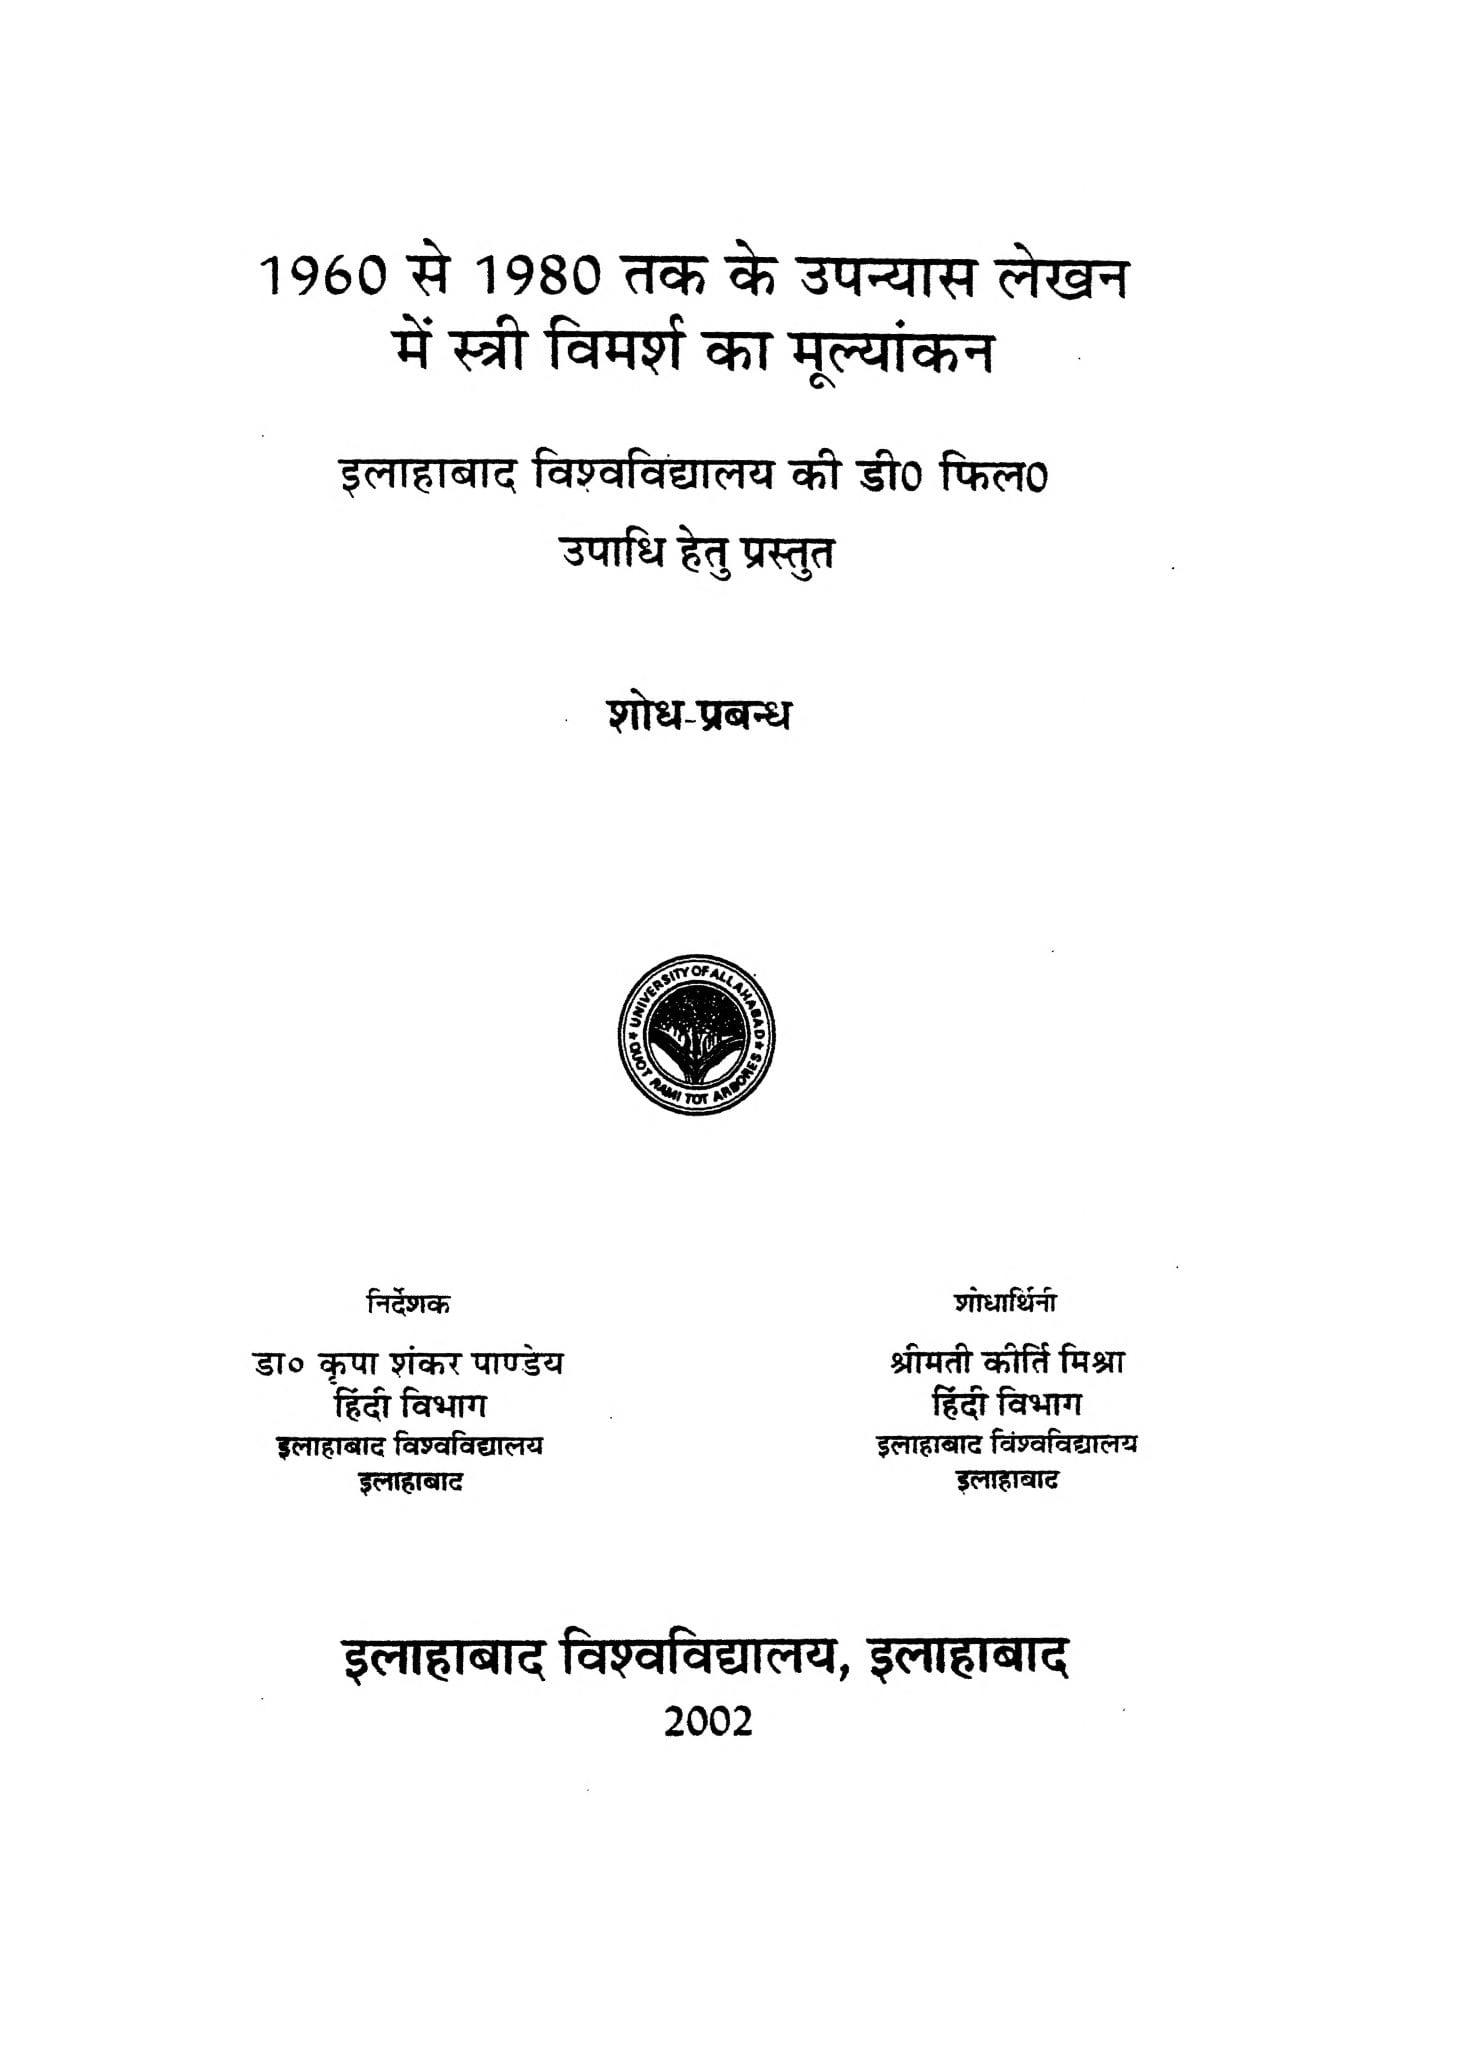 Book Image : 1960 से 1980 तक के उपन्यास लेखन में स्त्री विमर्श का मूल्यांकन - 1960 Se 1980 Tak Ke Upnyas Lekhan Me Stri Vimarsh Ka Moolyankan